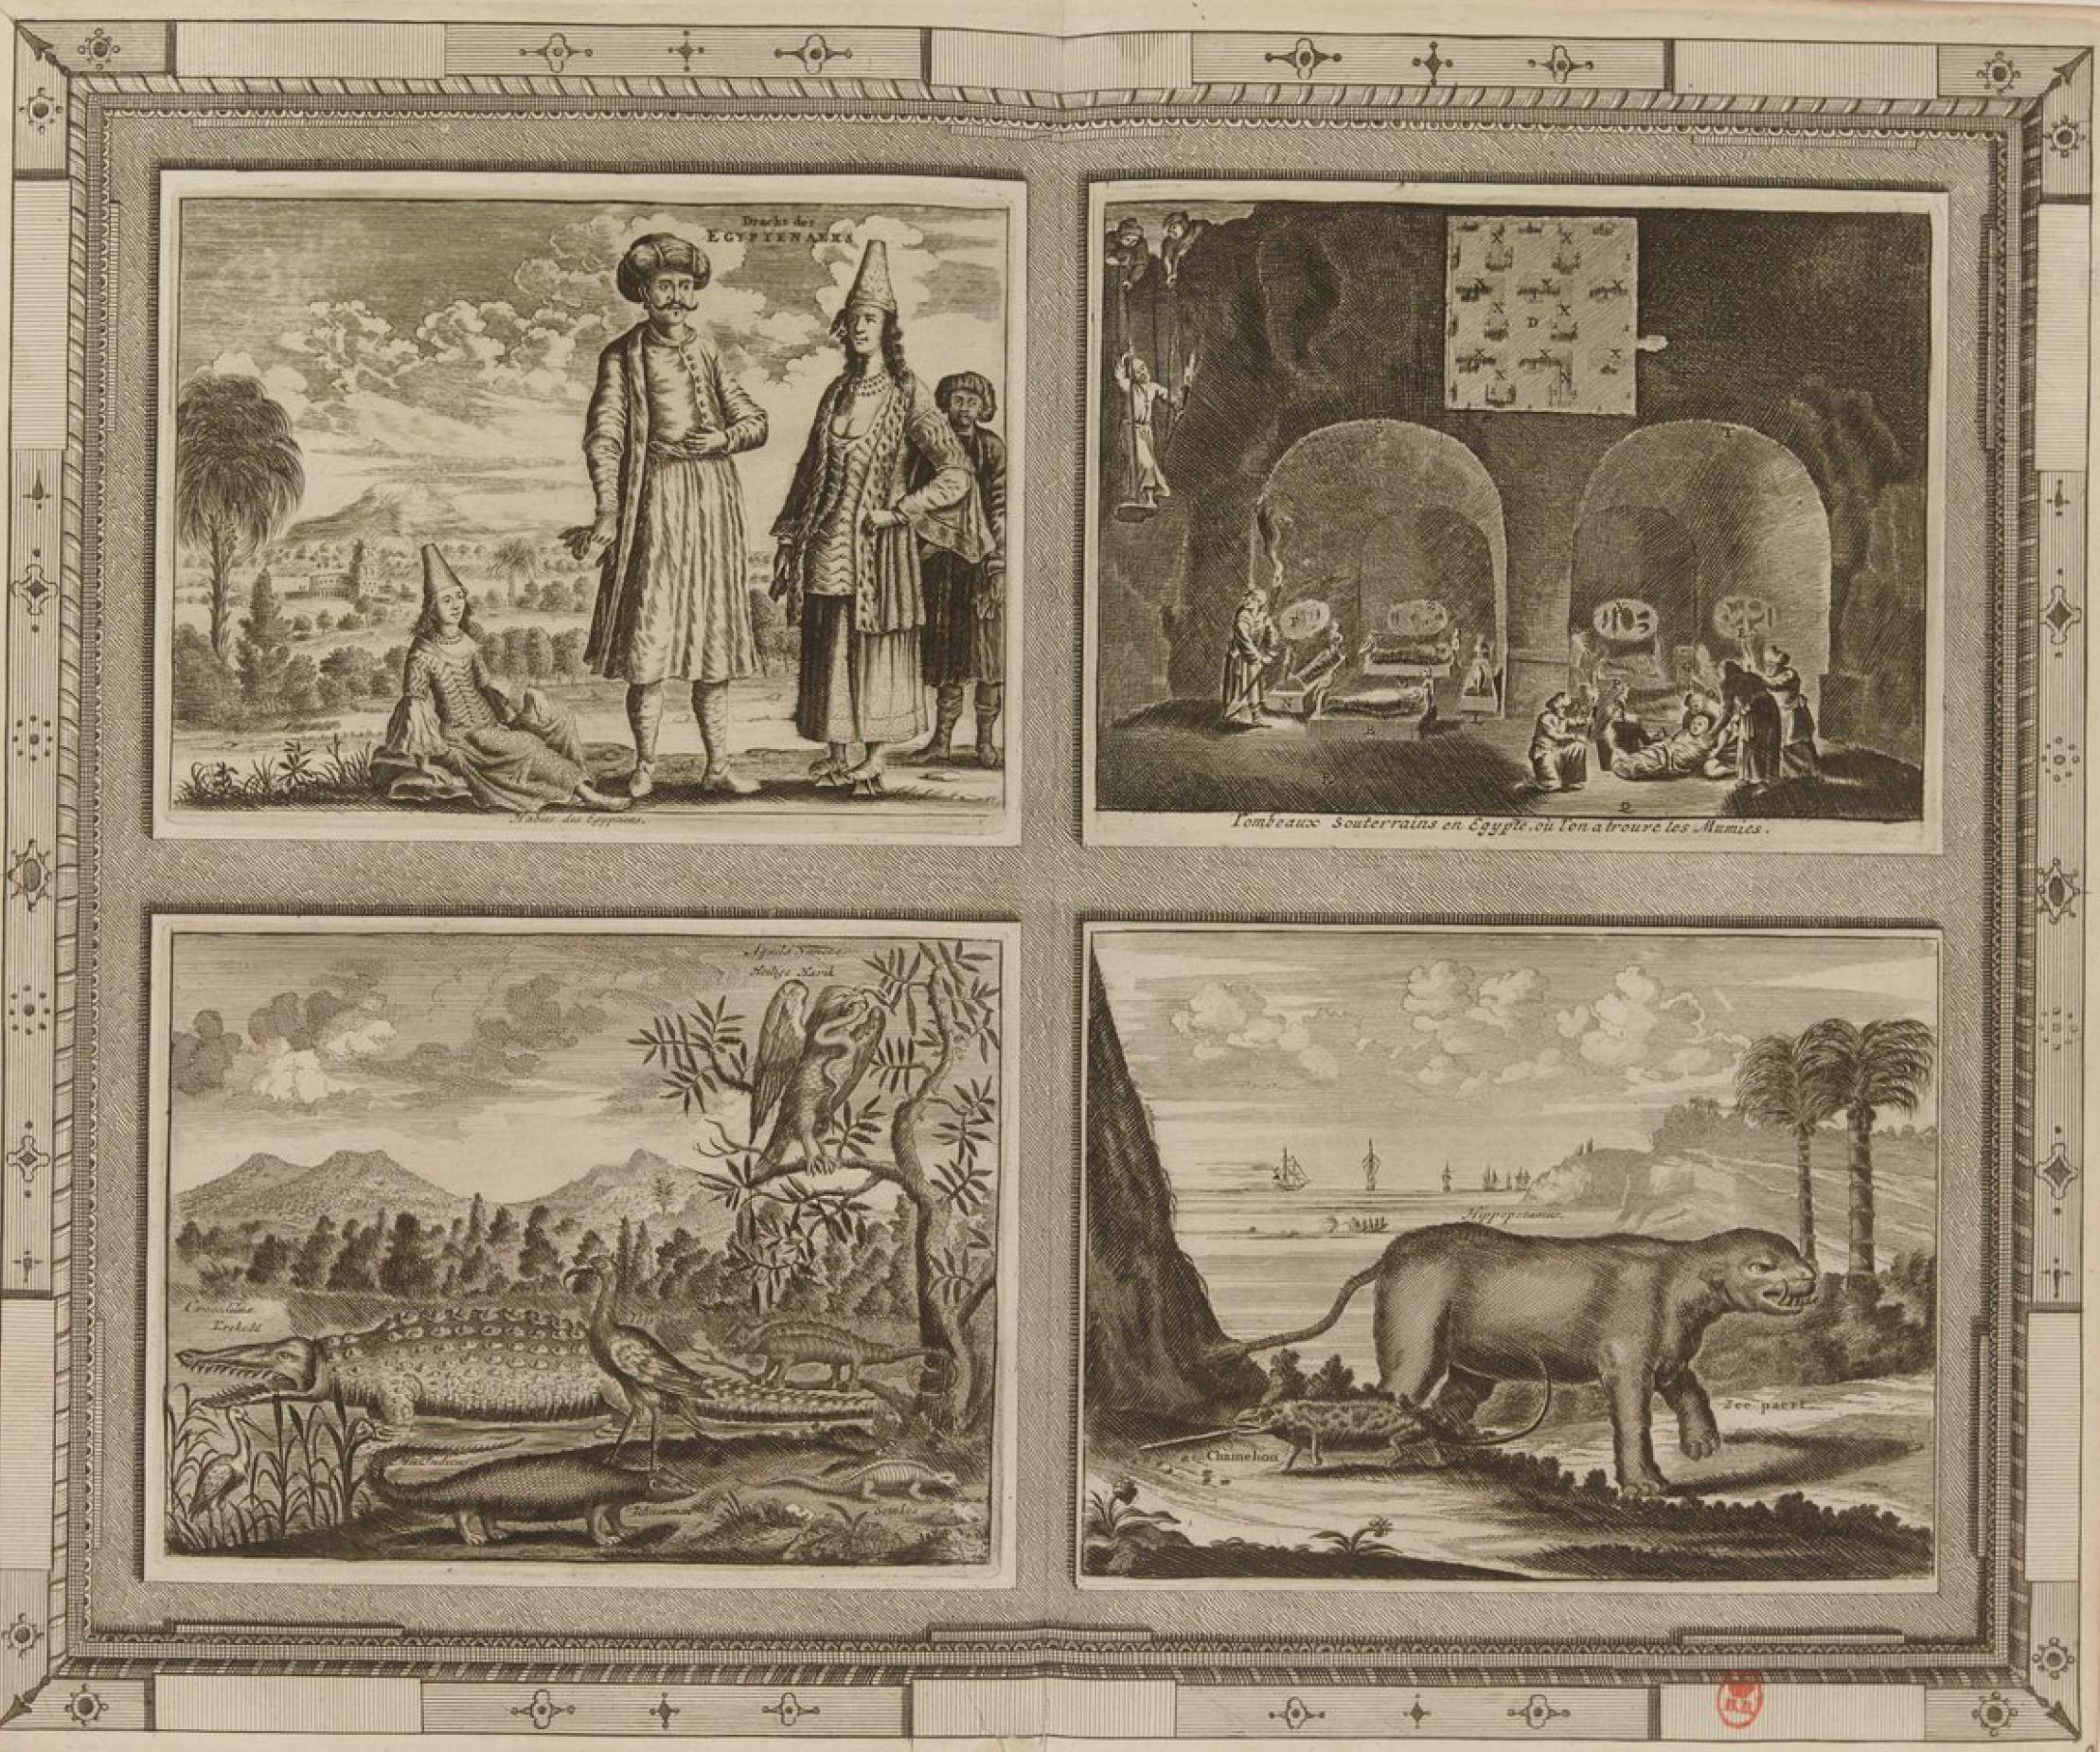 23. Обычаи египтян - подземные гробницы в Египте, где были найдены мумии - орла, крокодила, бегемота, хамелеона и т. д.